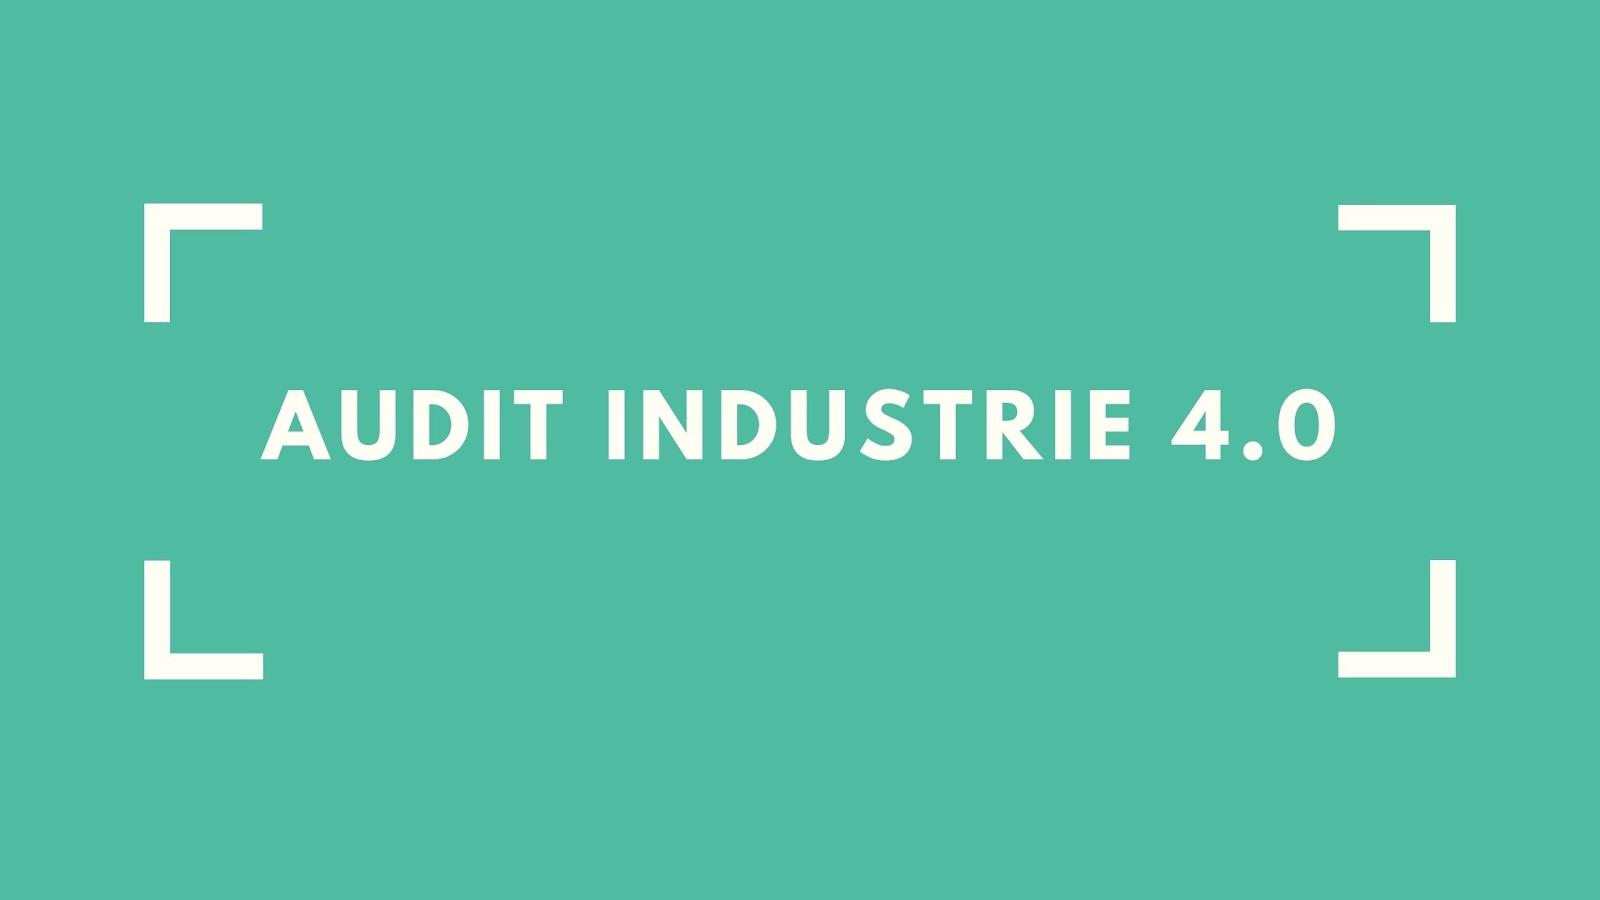 Audit Industrie 4.0 est un programme de soutien aux entreprises mise en place par investissement Québec